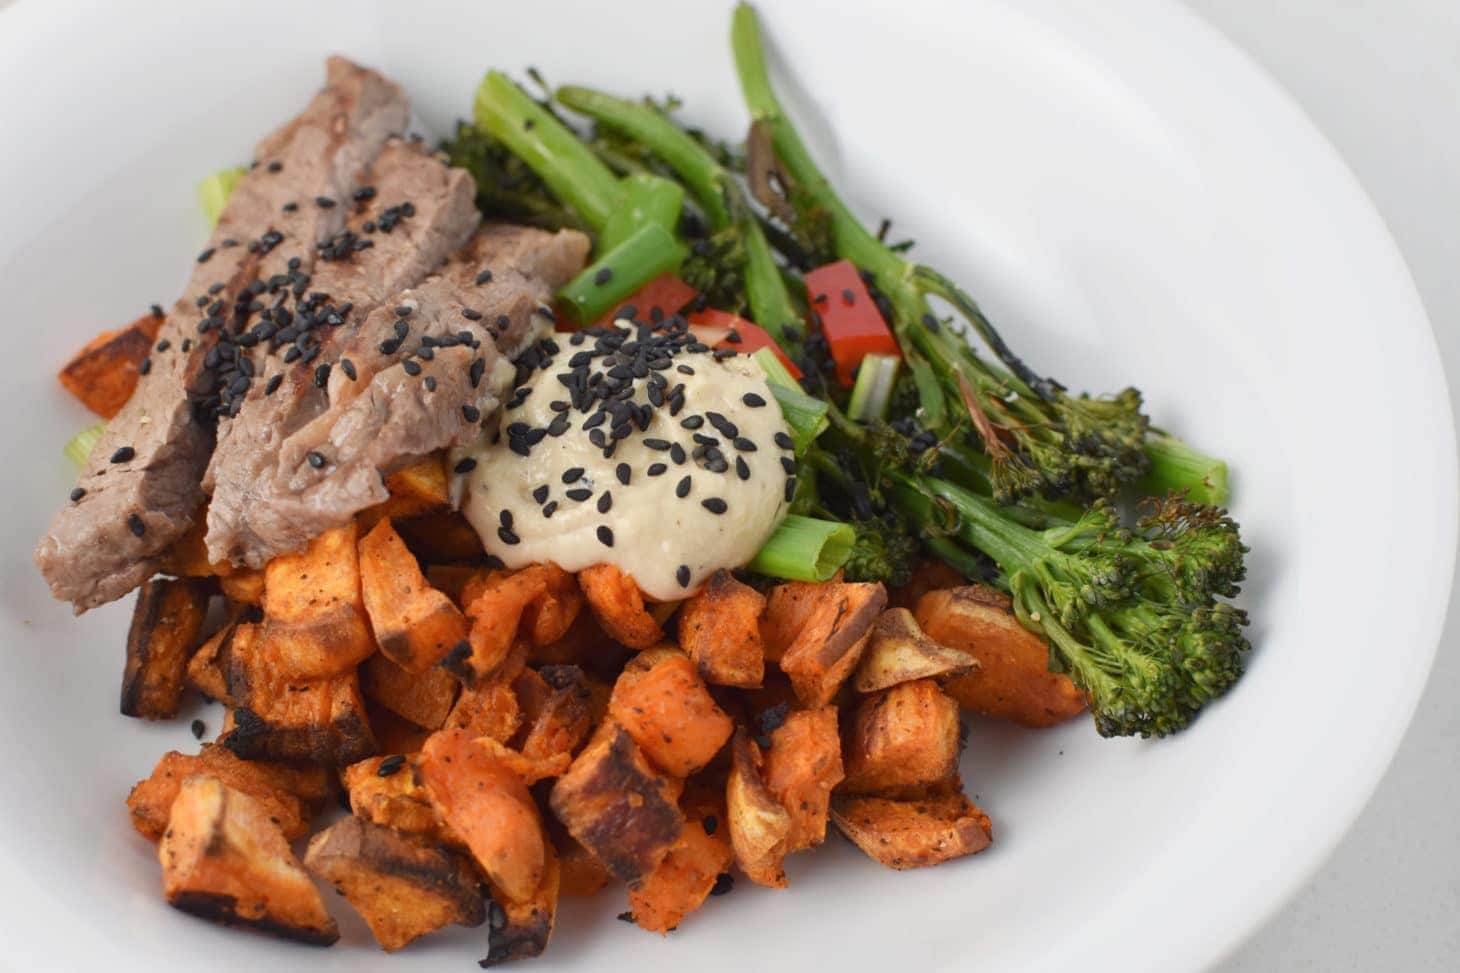 Paleo steak and tahini bowl with sweet potatoes and broccolini